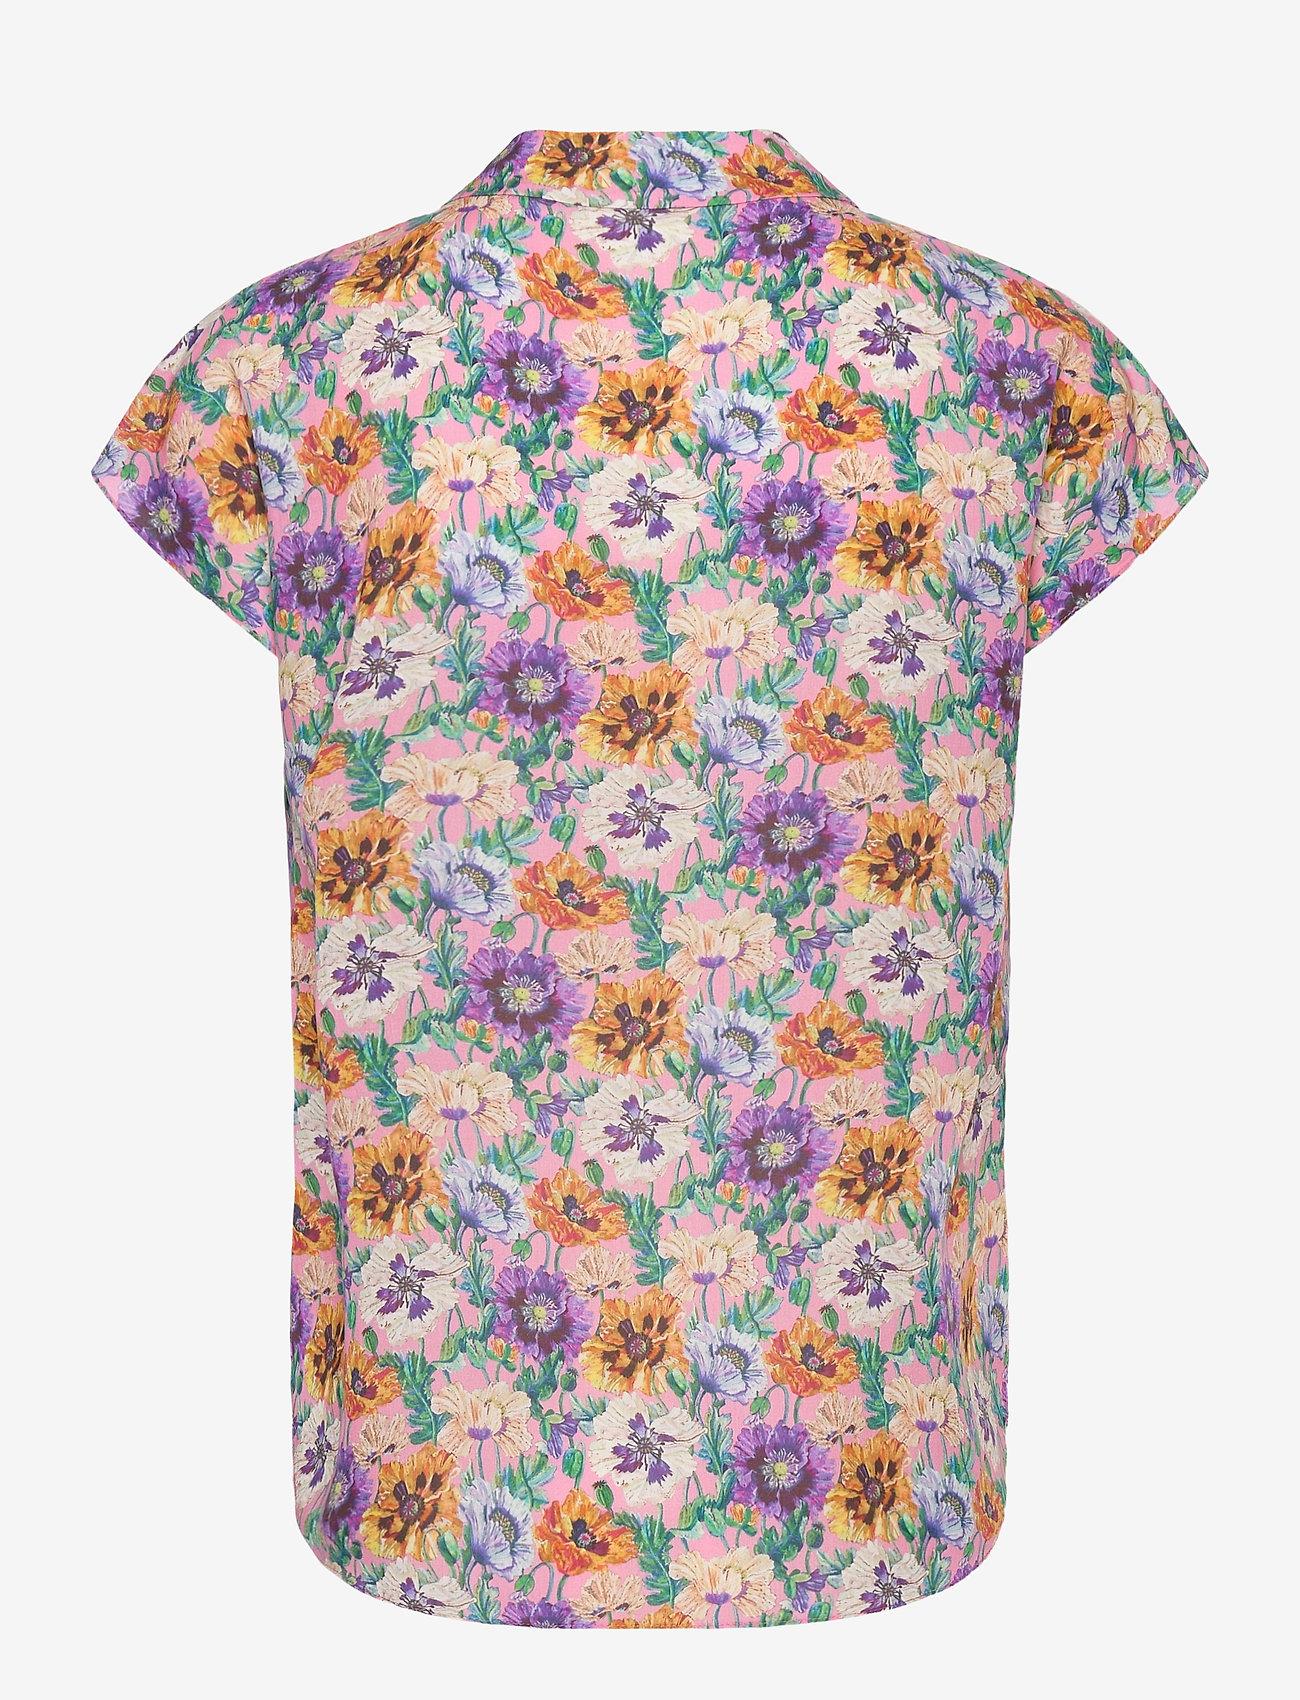 SAND - 3419 - Prosi Top S - blouses met korte mouwen - pink - 1